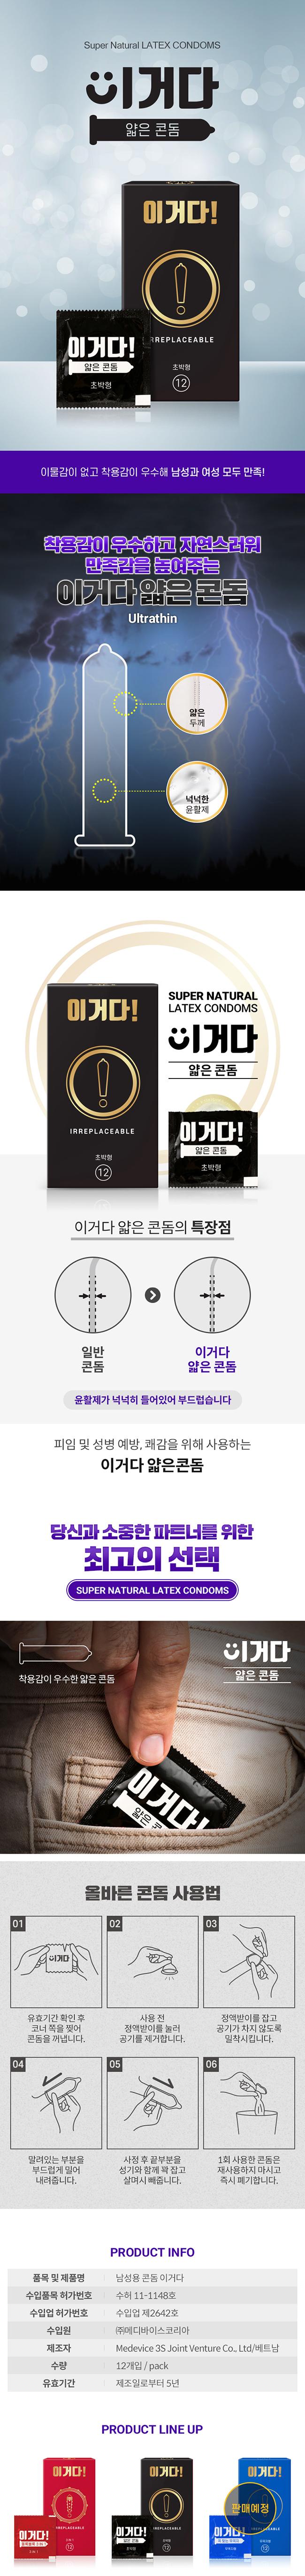 [얇은 콘돔] 이거다 콘돔 극초박형 12p(Super Natural Latex Condoms 12p)